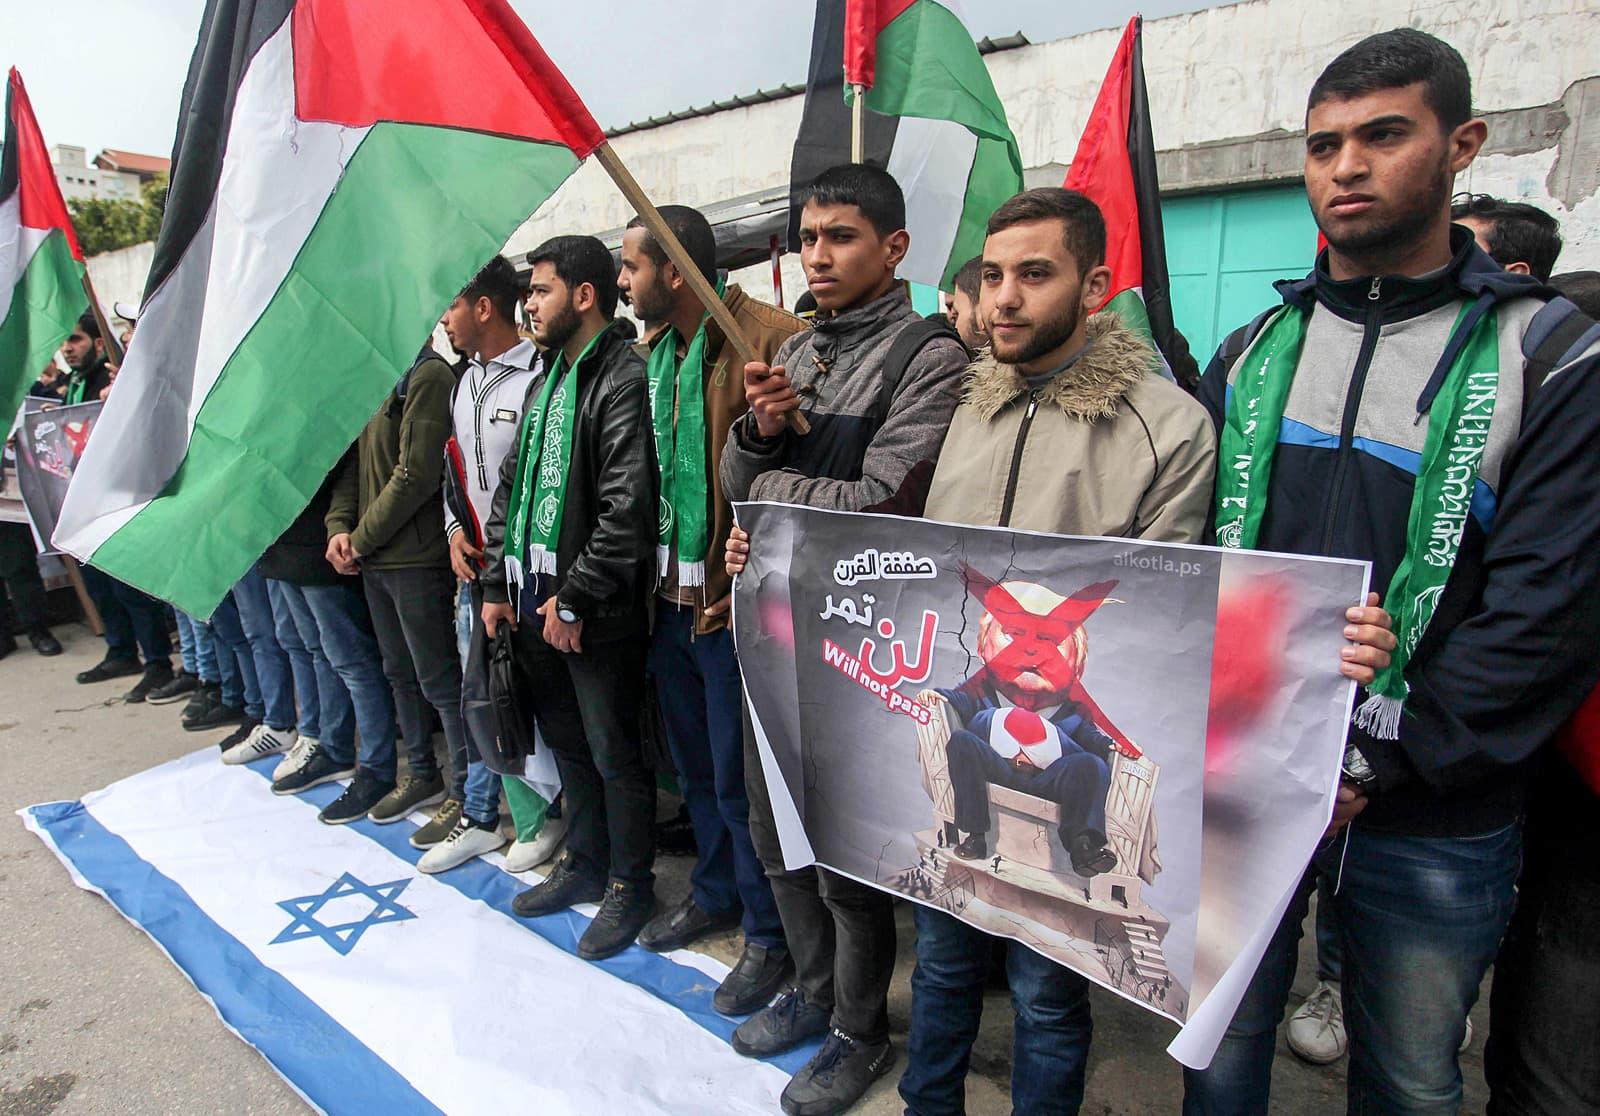 Protesta a Gaza contra Israel i el pla de pau de Trump aquest febrer. Fotografia de Mahmoud Ajjour APA Images